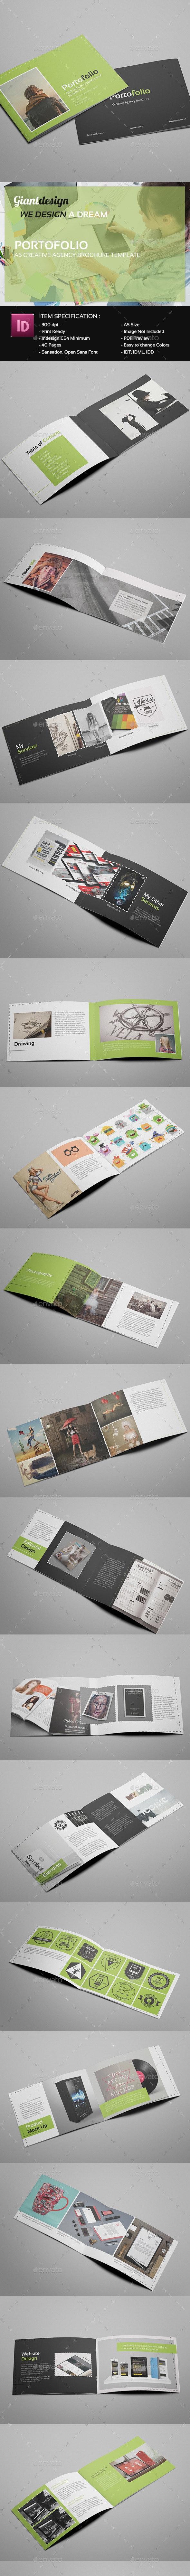 Portofolio - Creative Agency Brochure - Portfolio Brochures